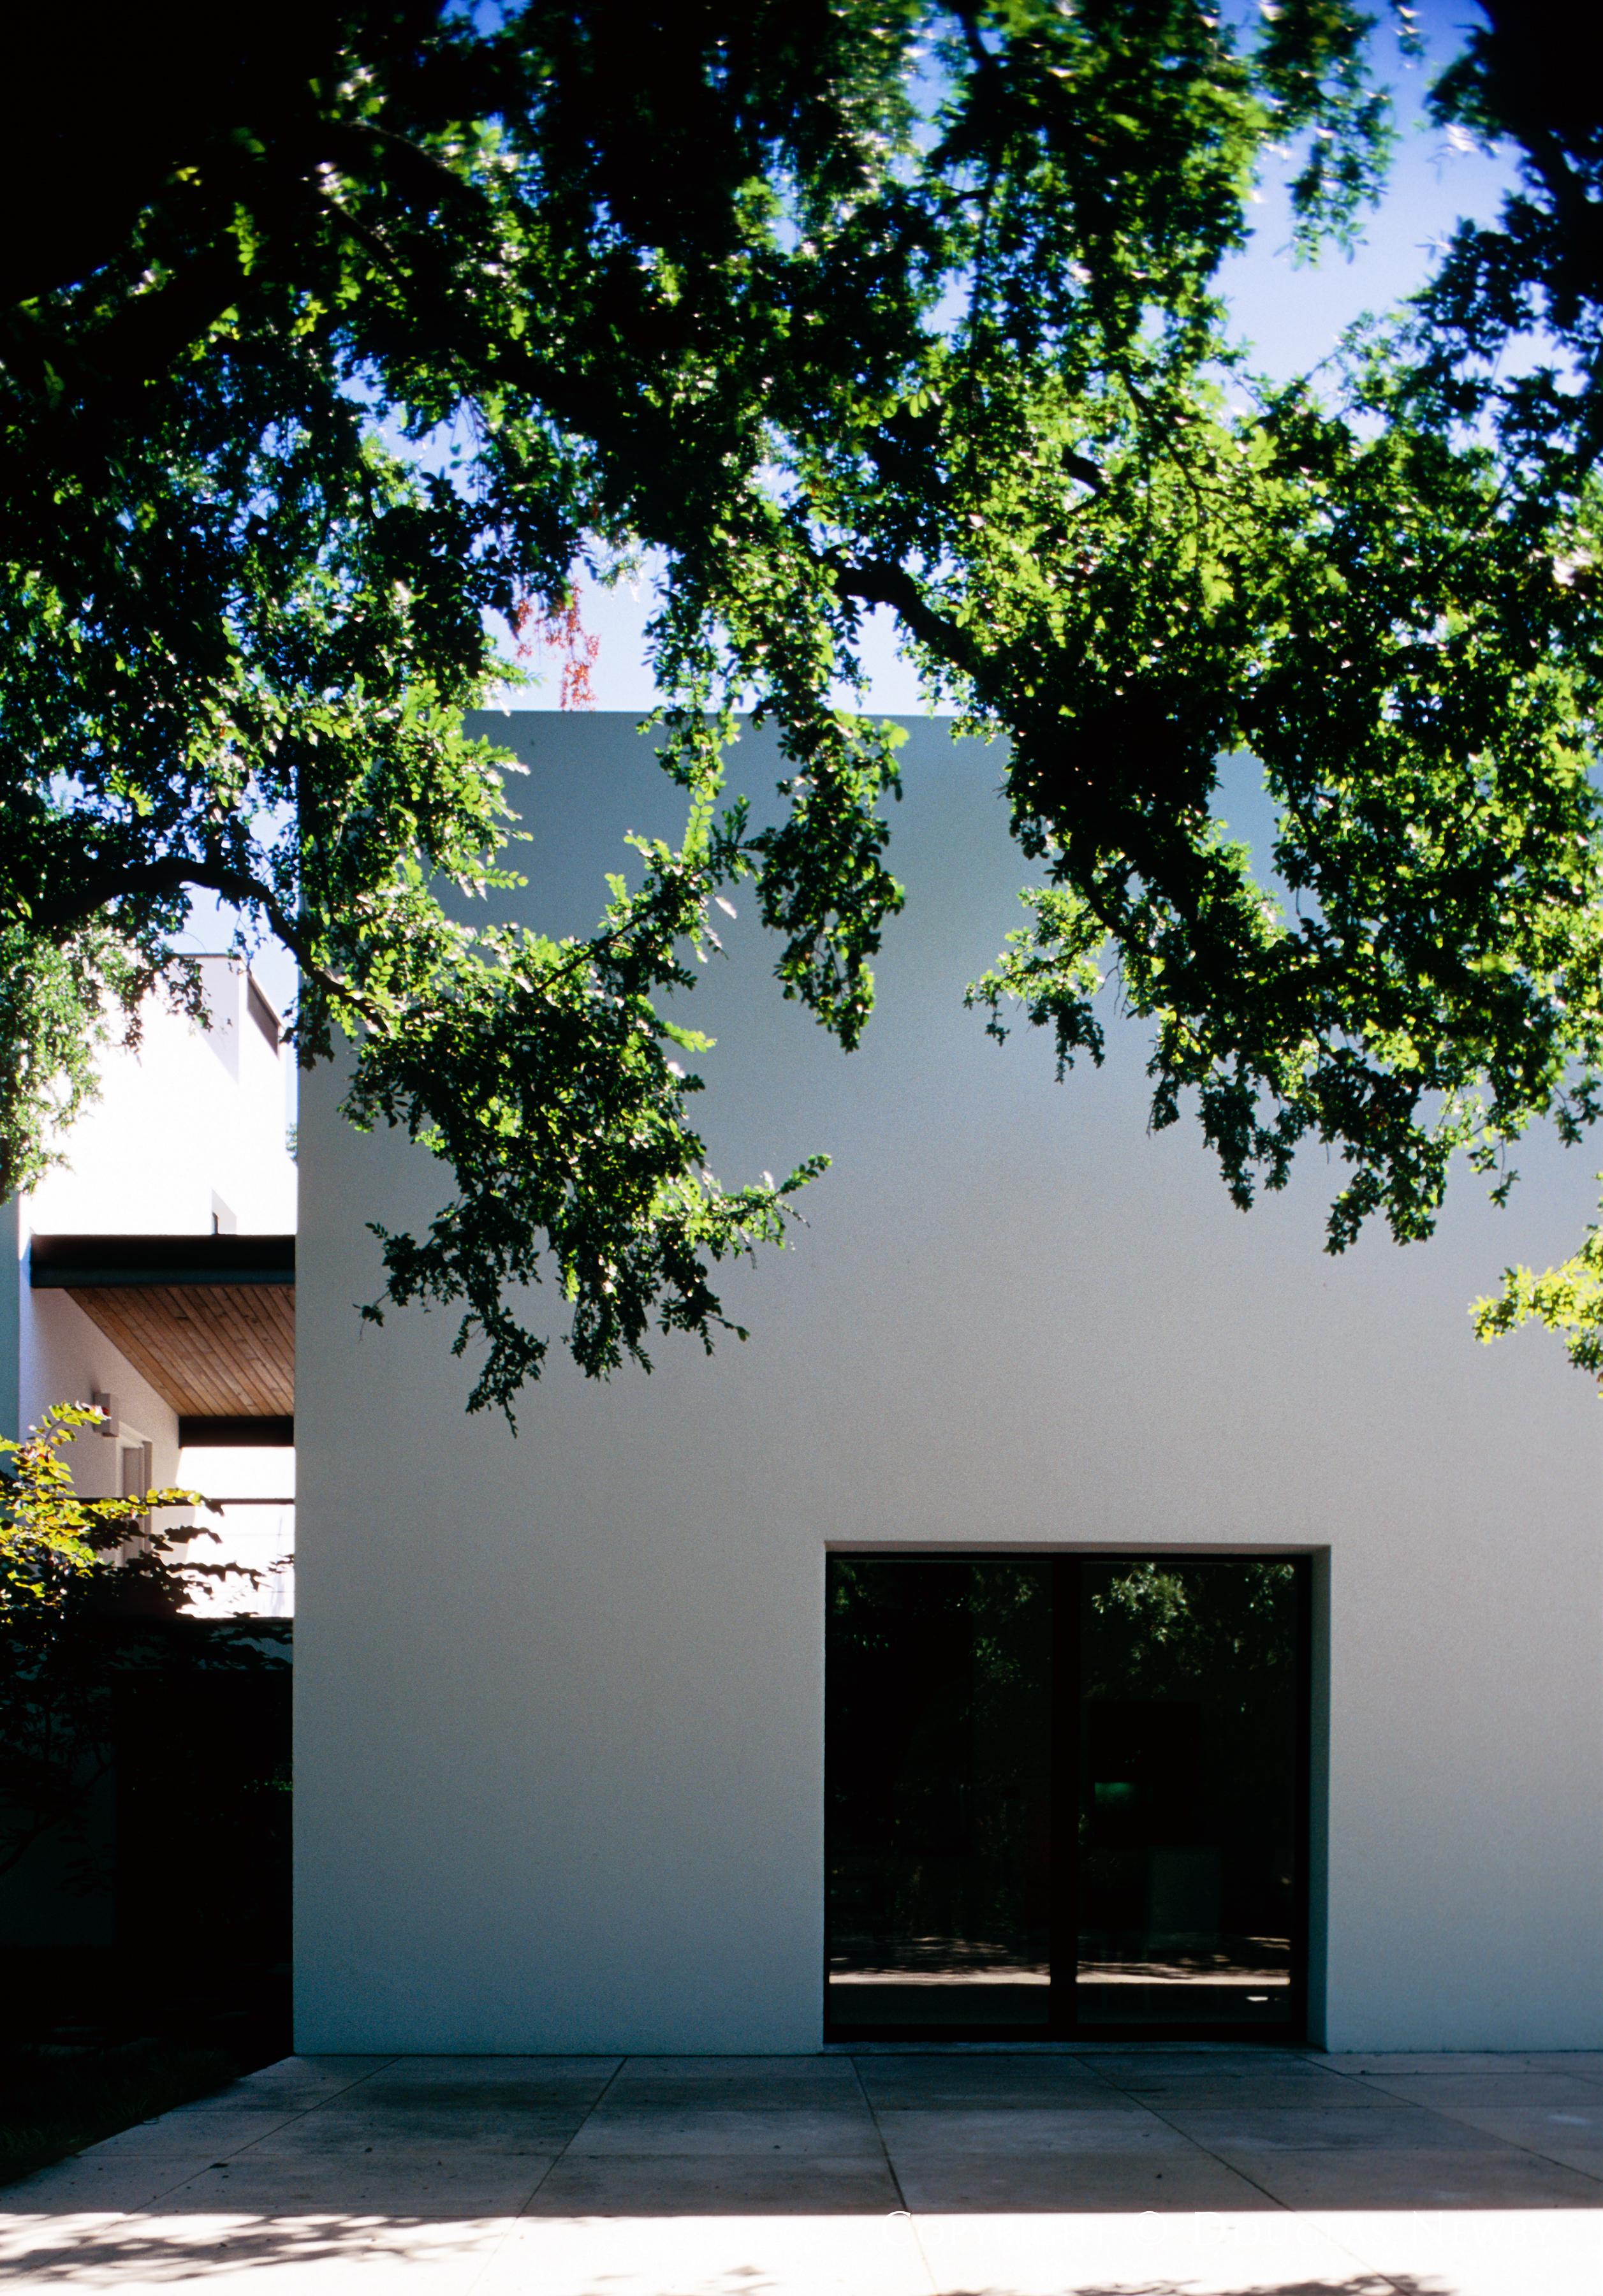 Architect Edward Larabee Barnes Designed Home